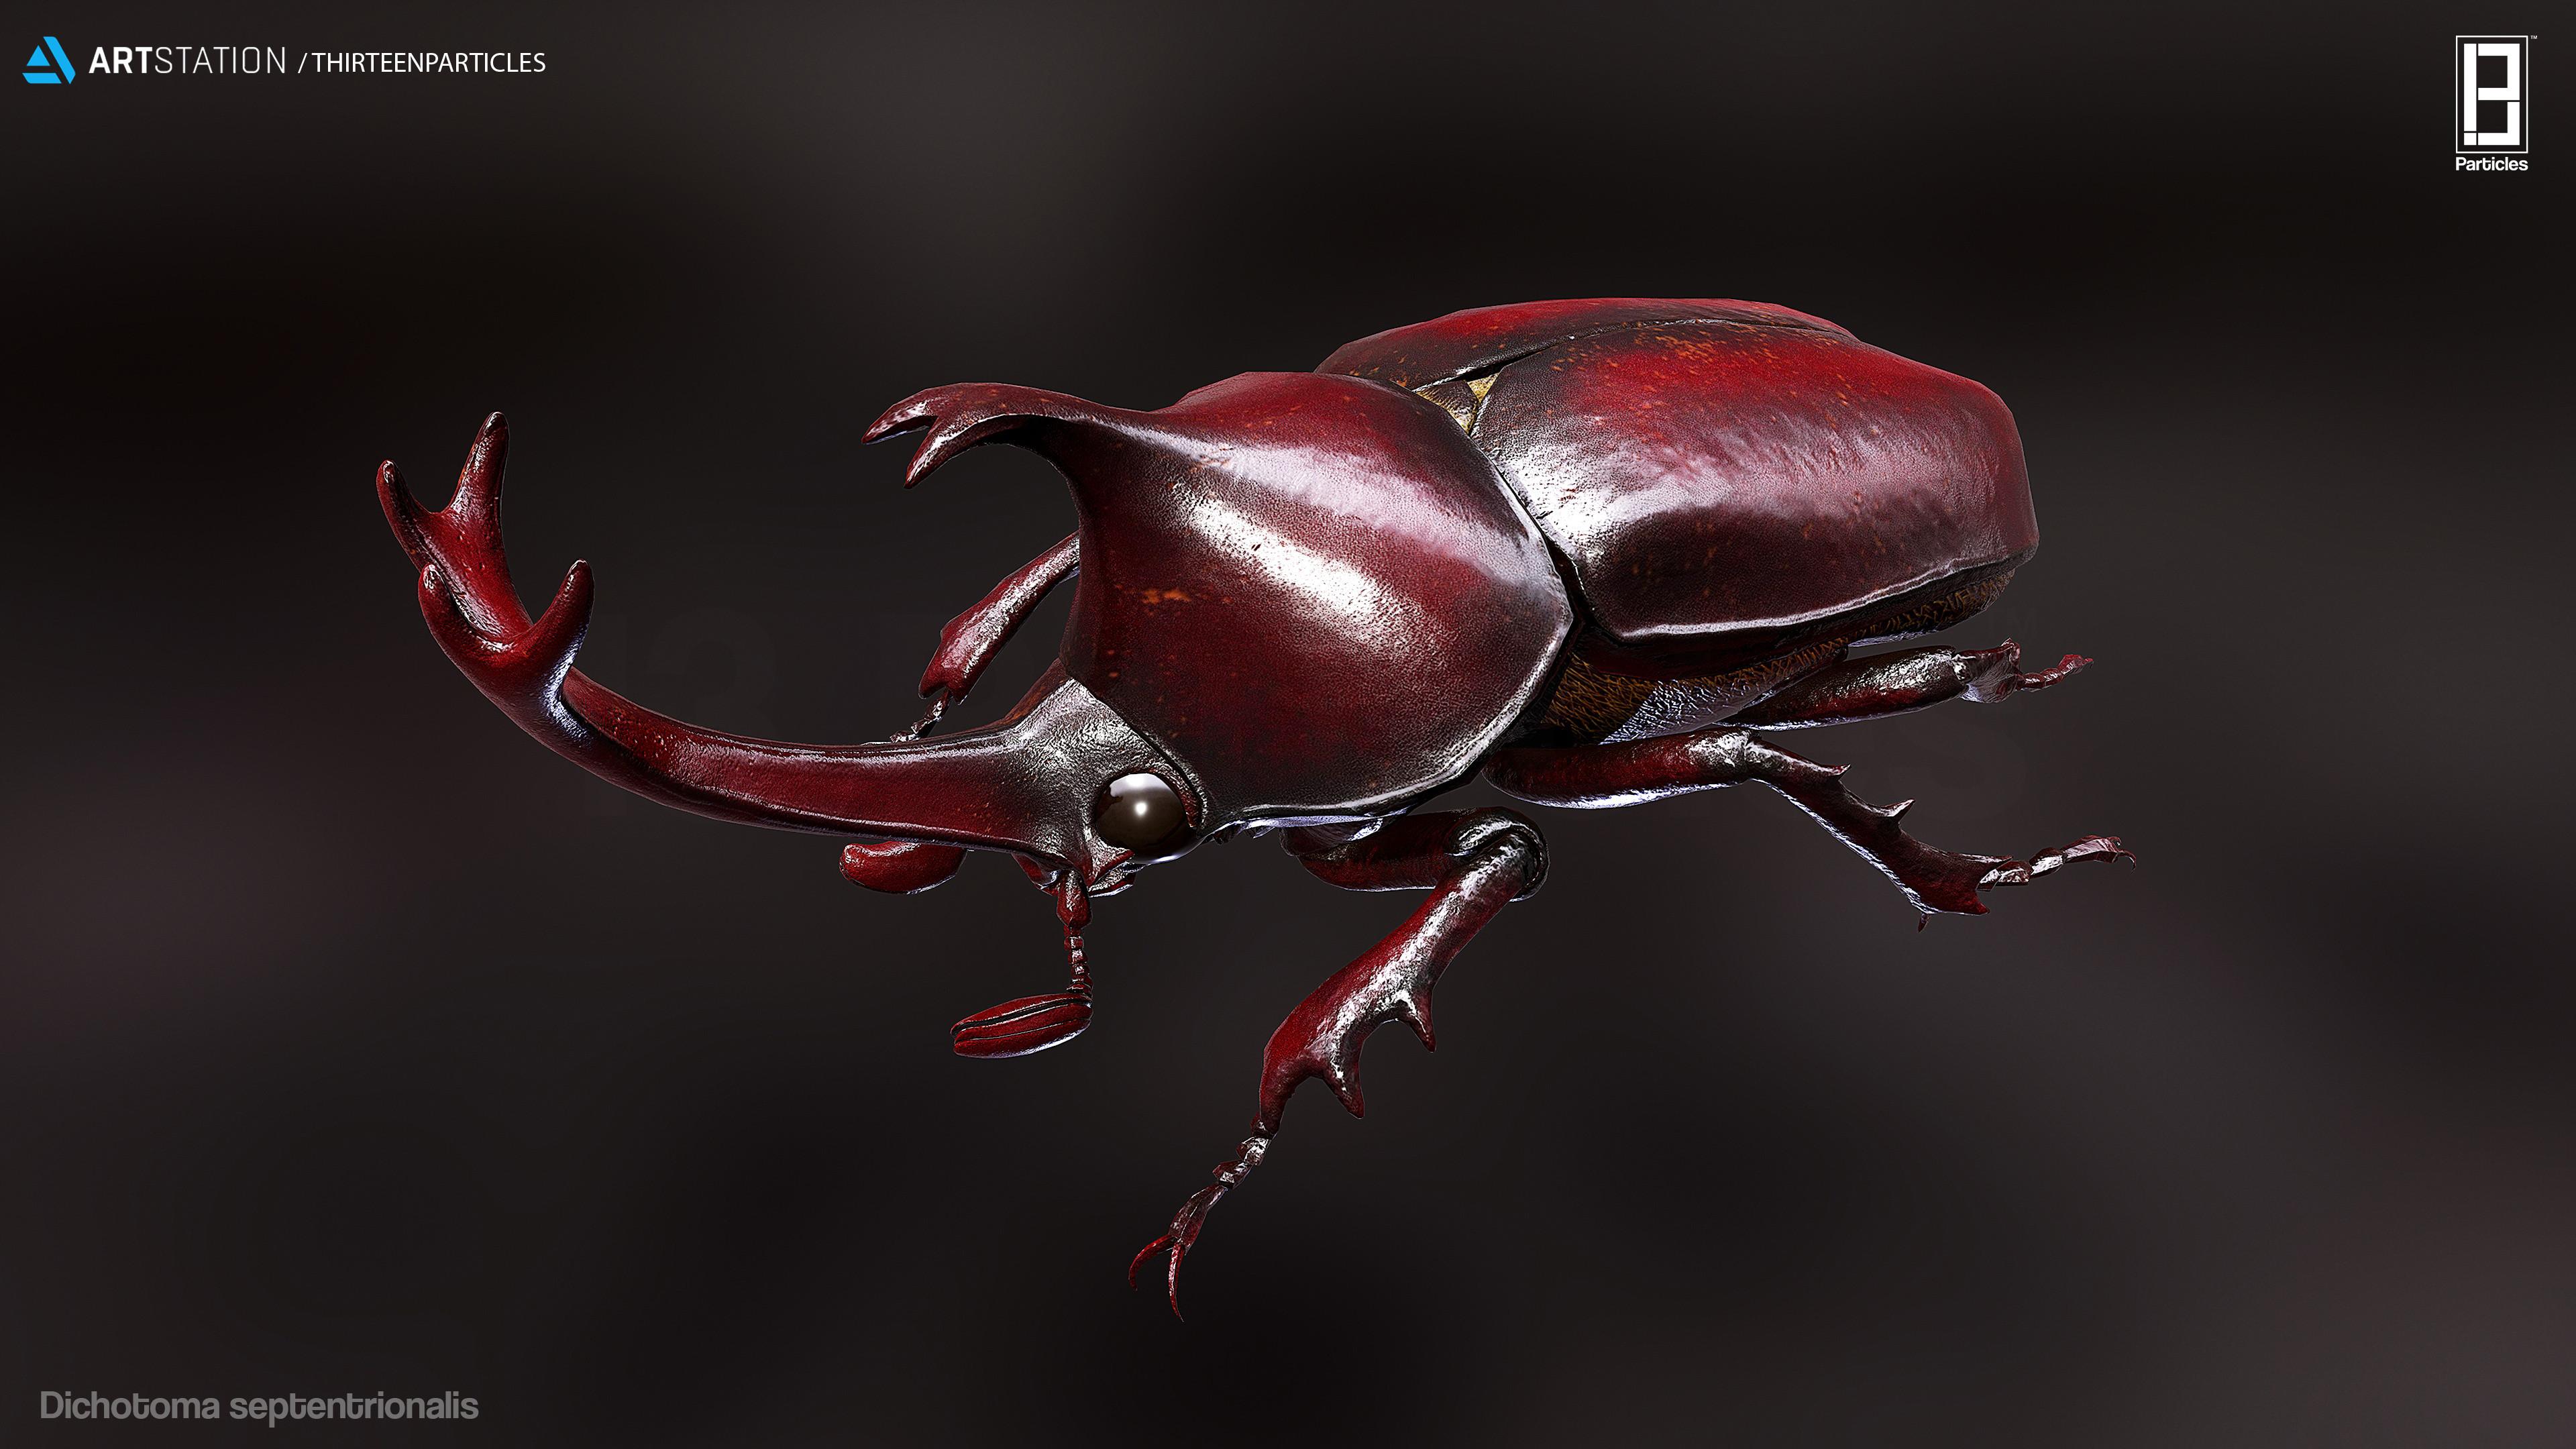 Dichotoma septentrionalis